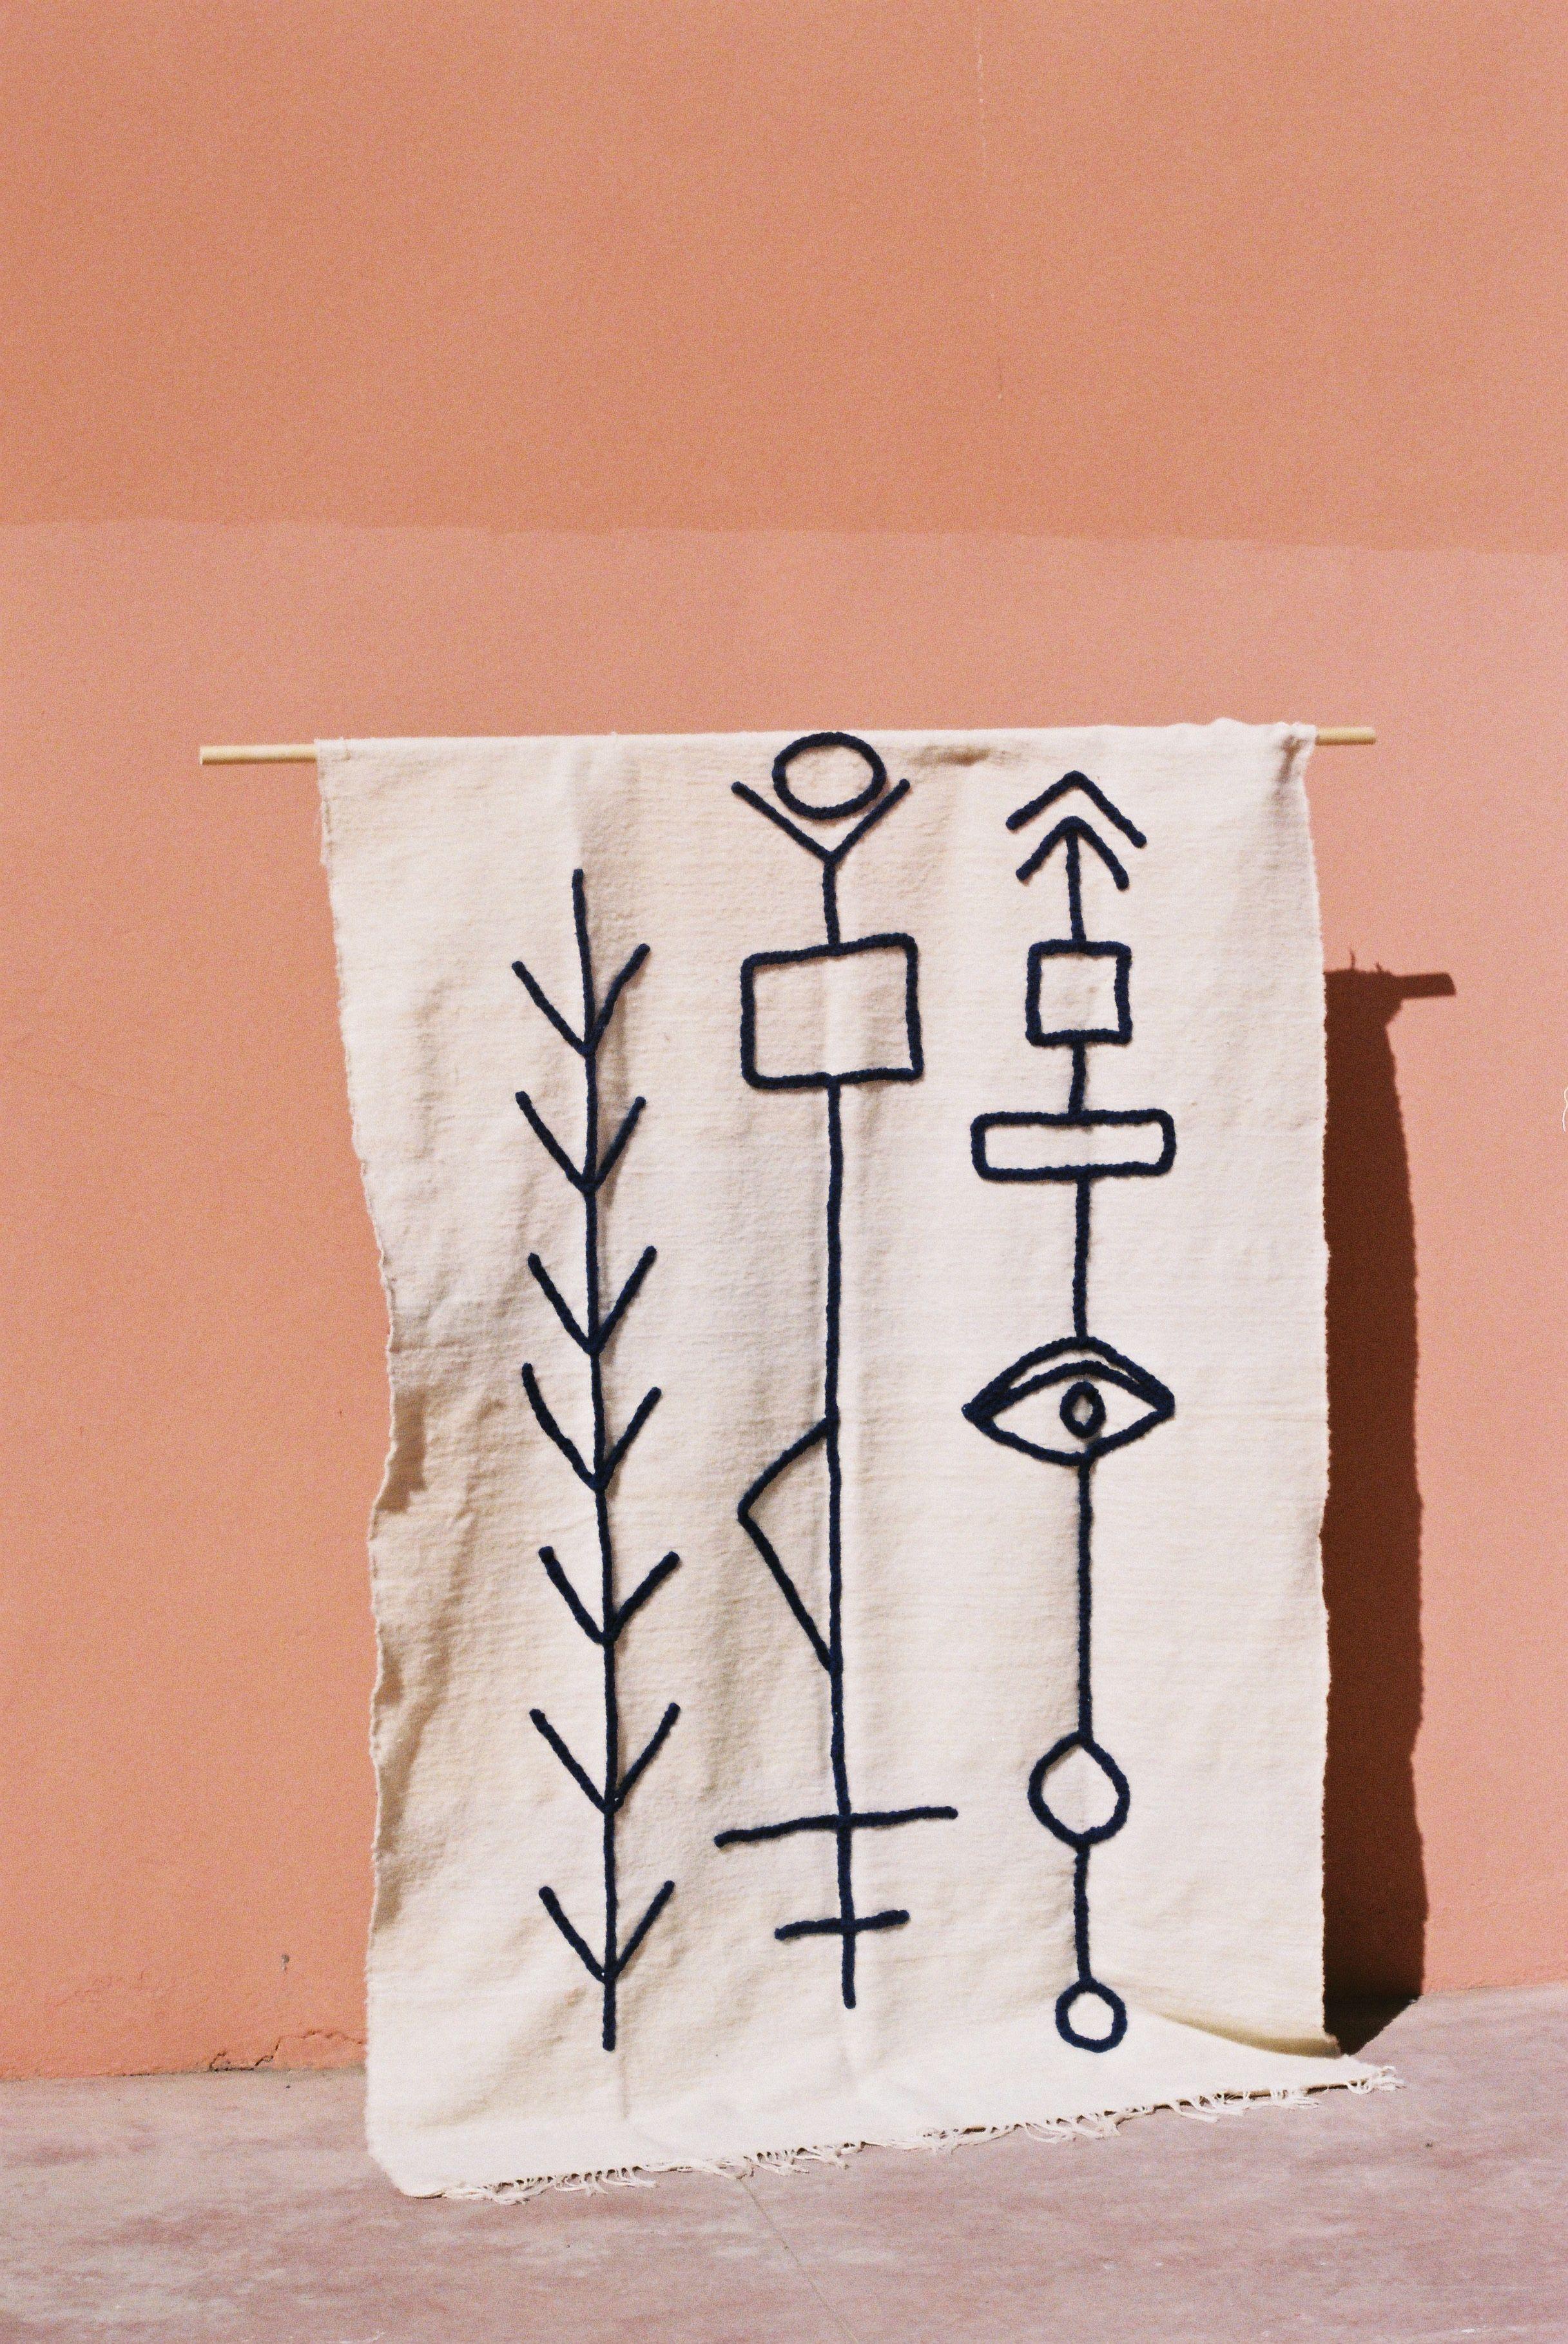 Sabbar Blanket Lrnce Www Lrnce Com Handmade In Marrakech Fabric Painting Textiles Textile Art